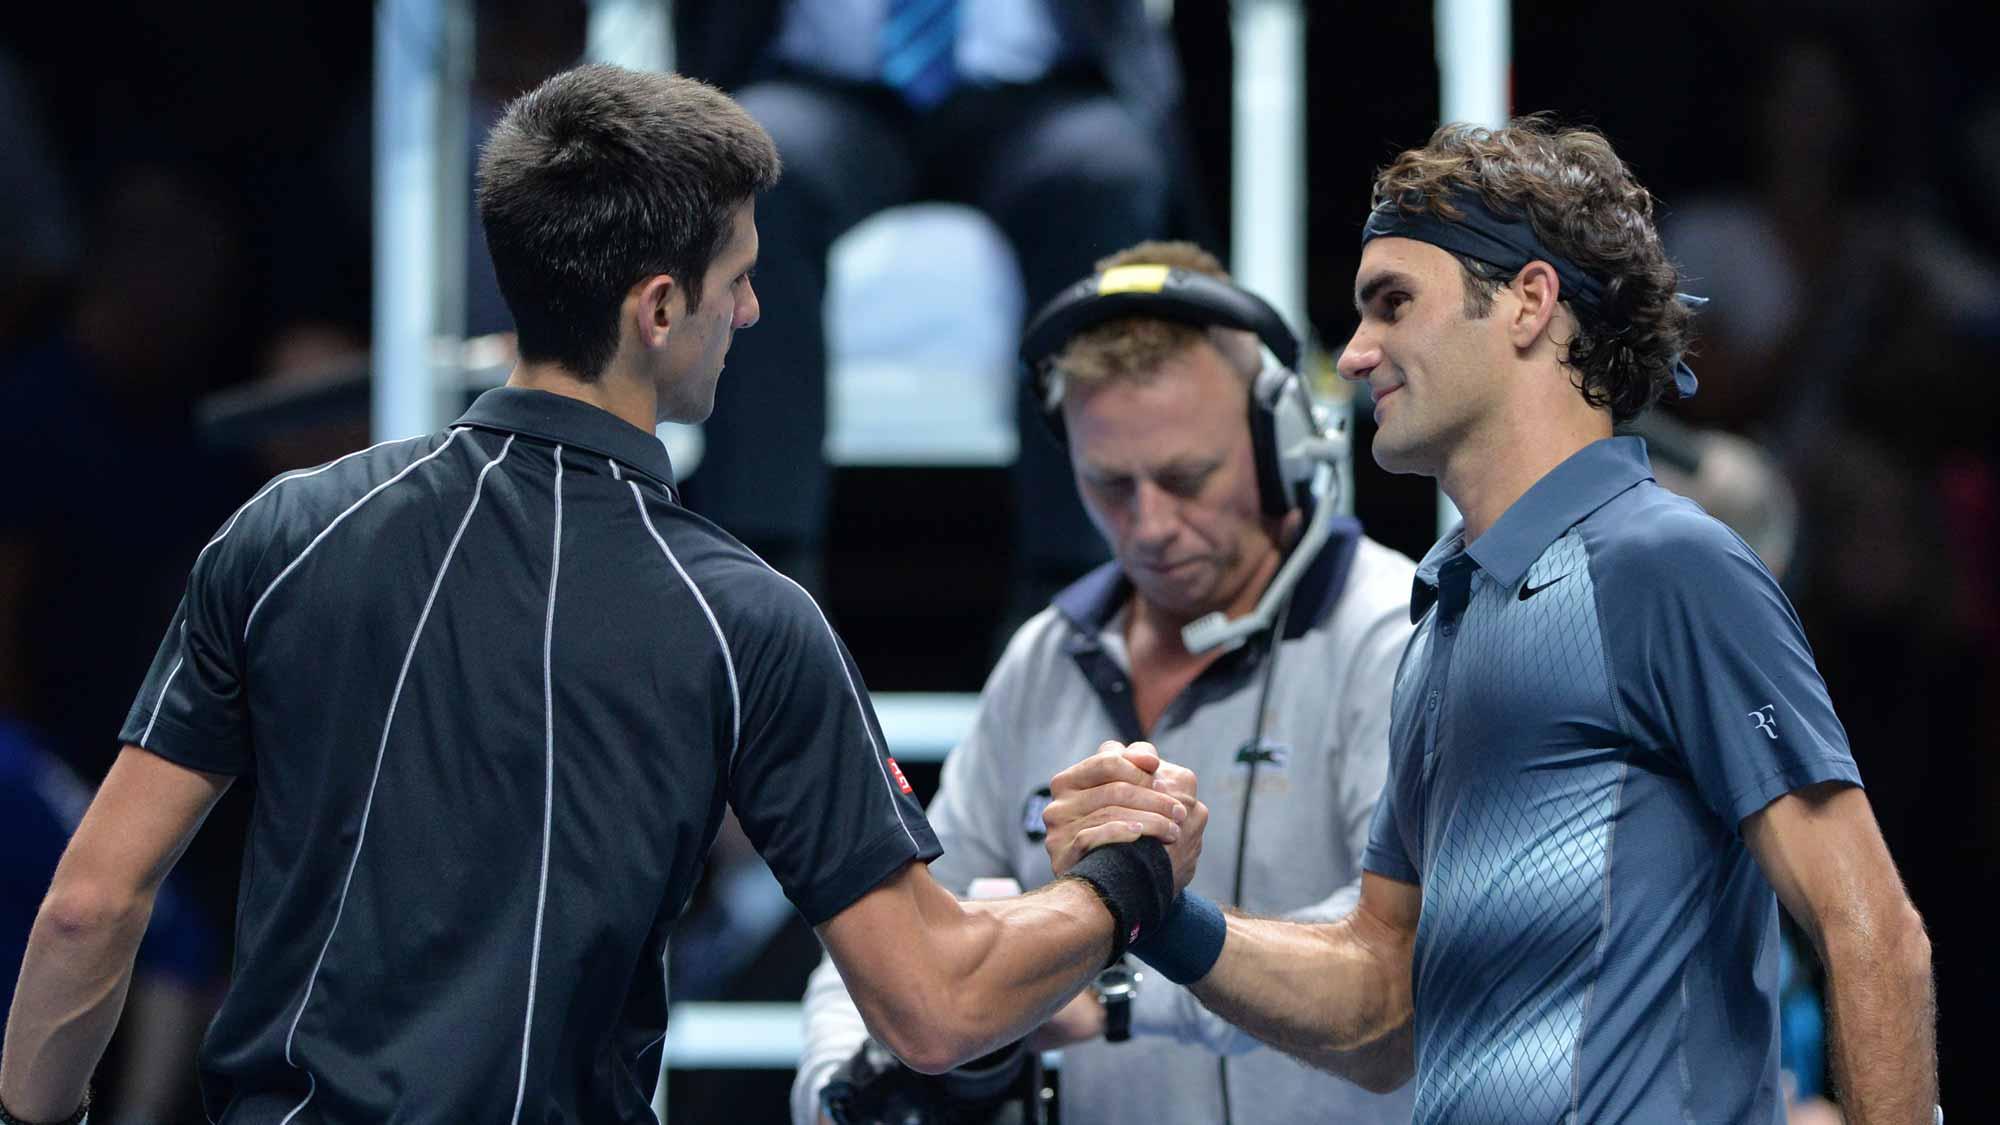 Novak Djokovic and Roger Federer shaking hands at World Tour Finals